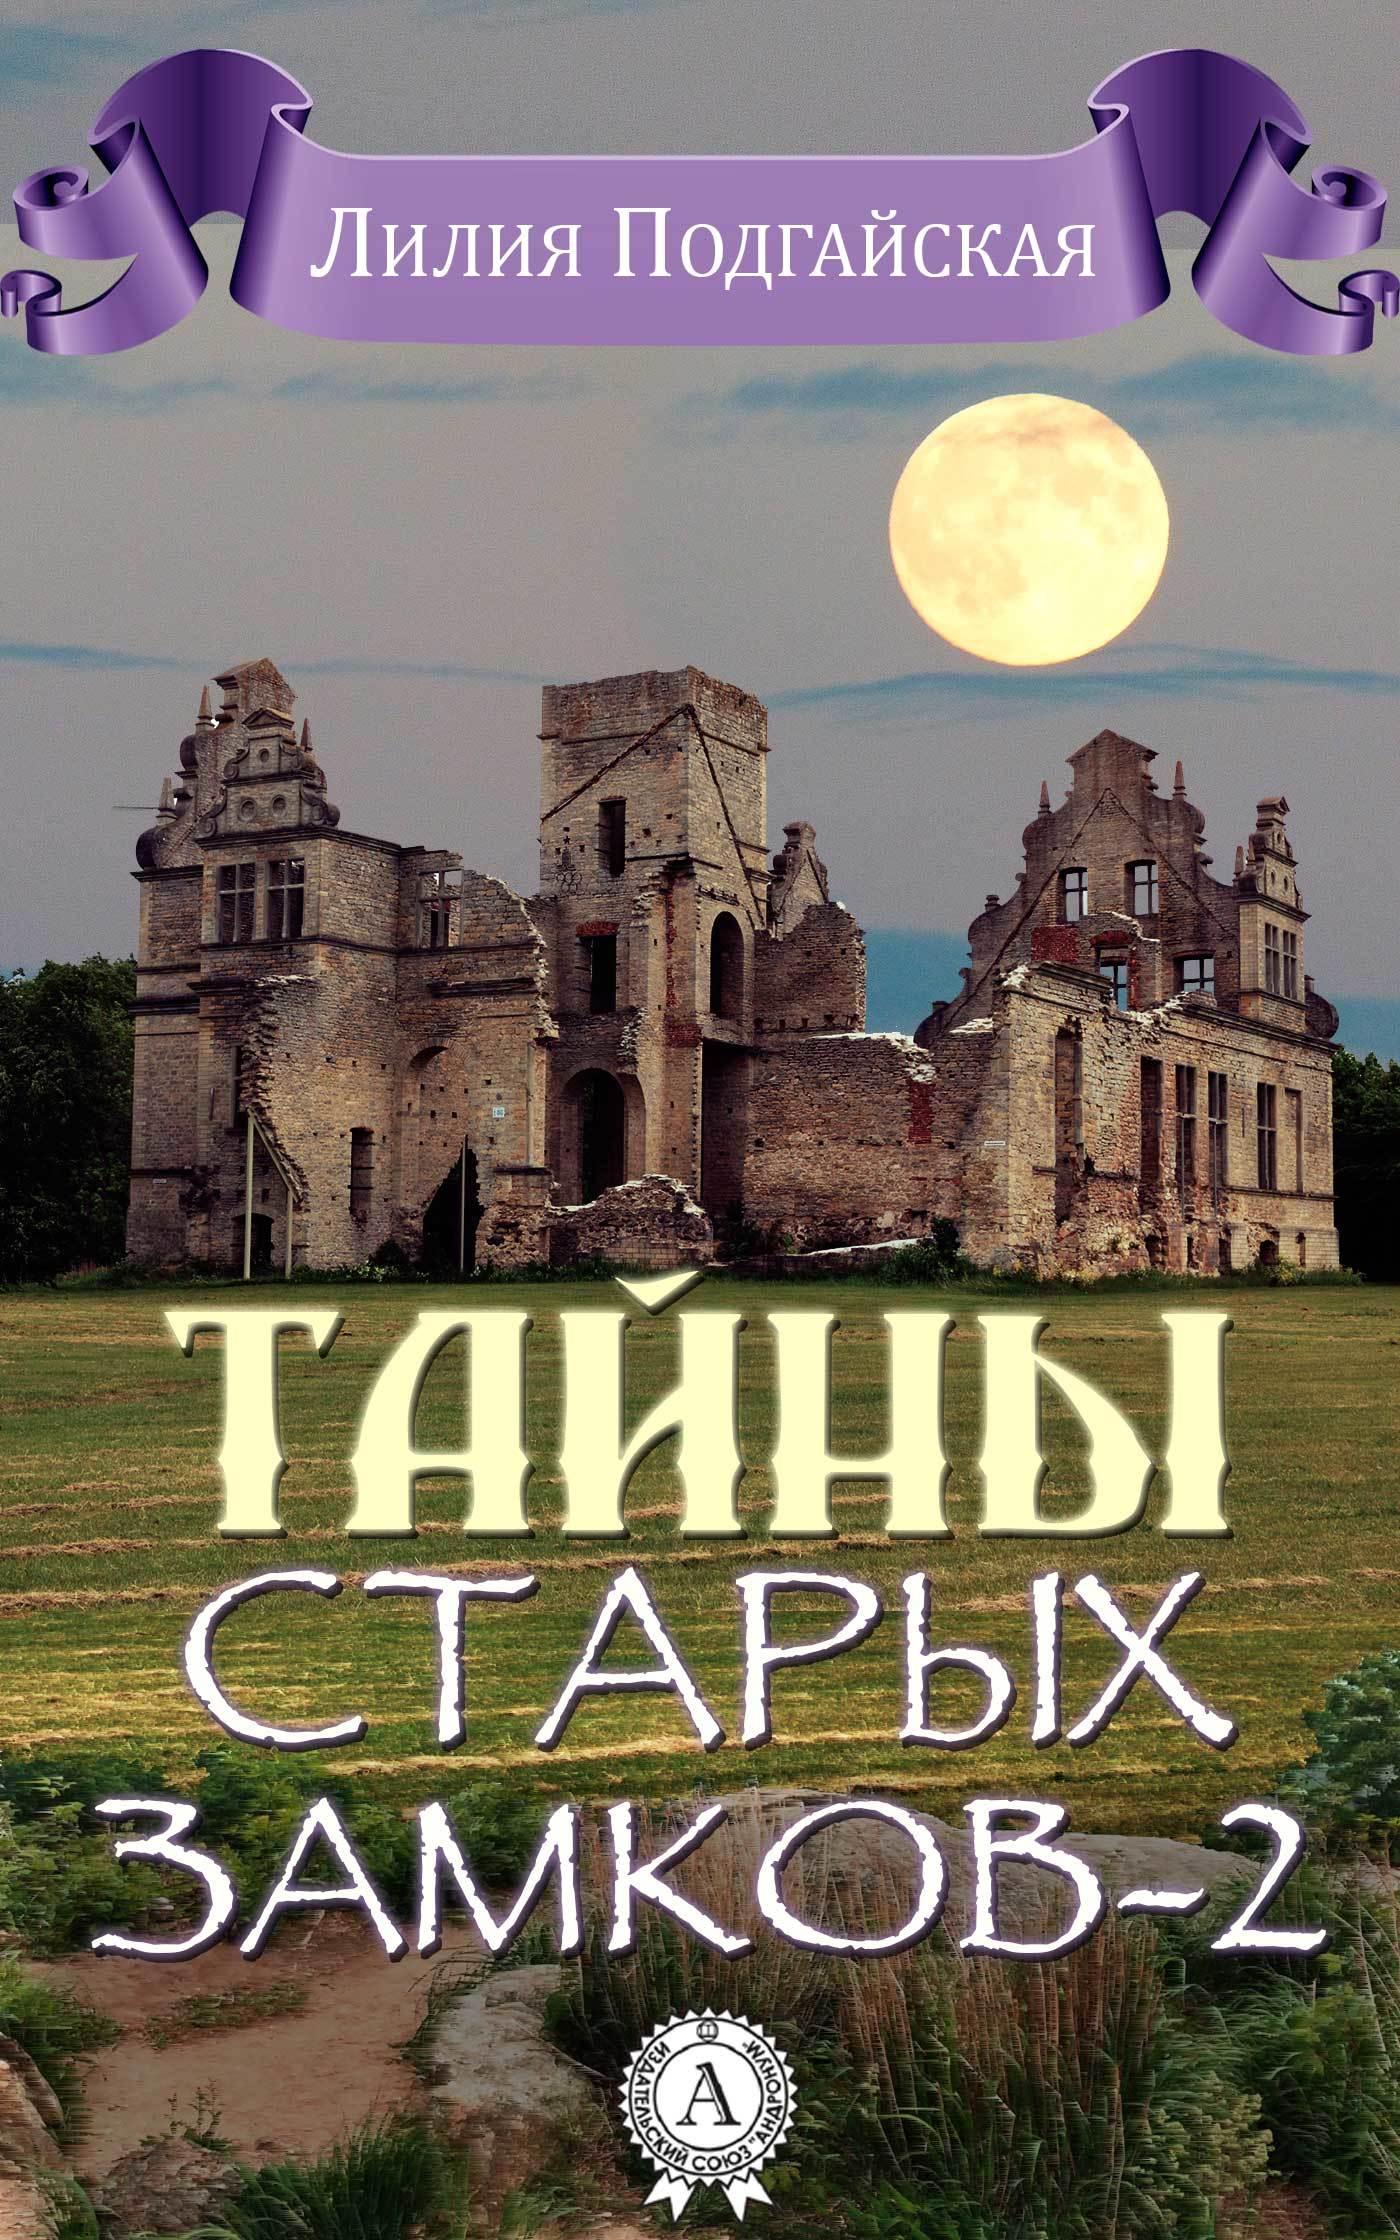 Лилия Подгайская Тайны старых замков – 2 лилия подгайская по зову судьбы